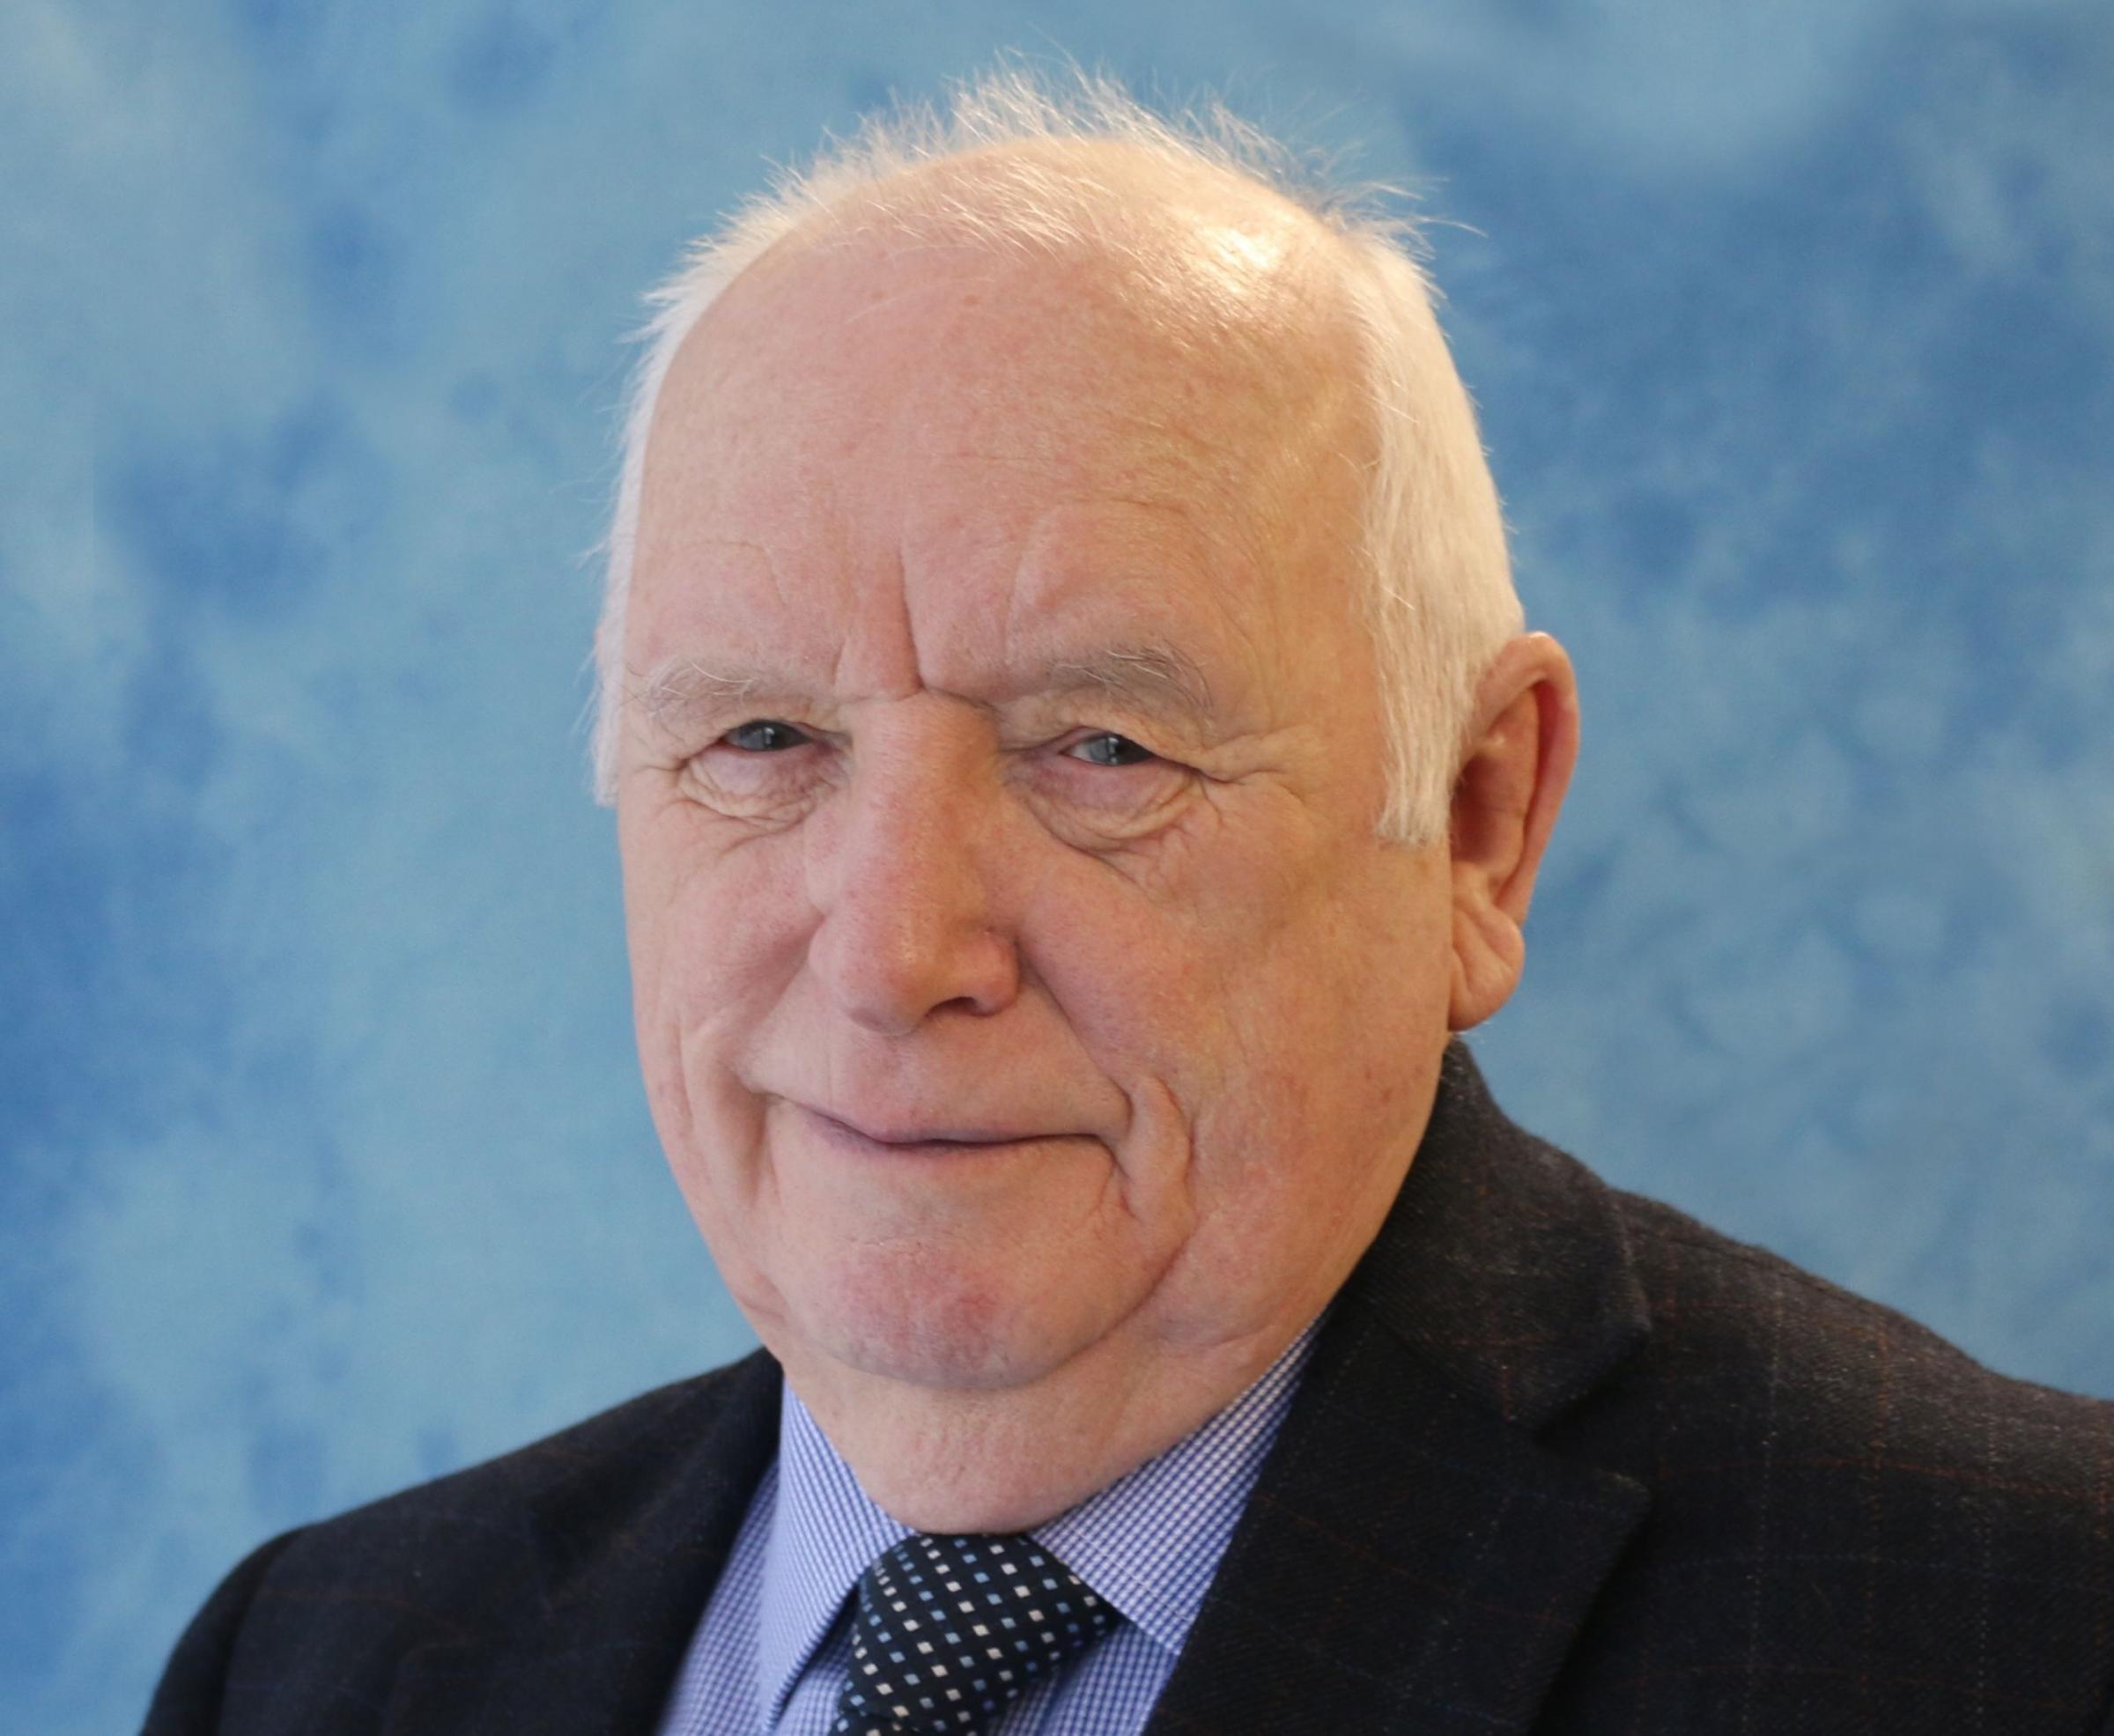 Council's finances 'in good shape'